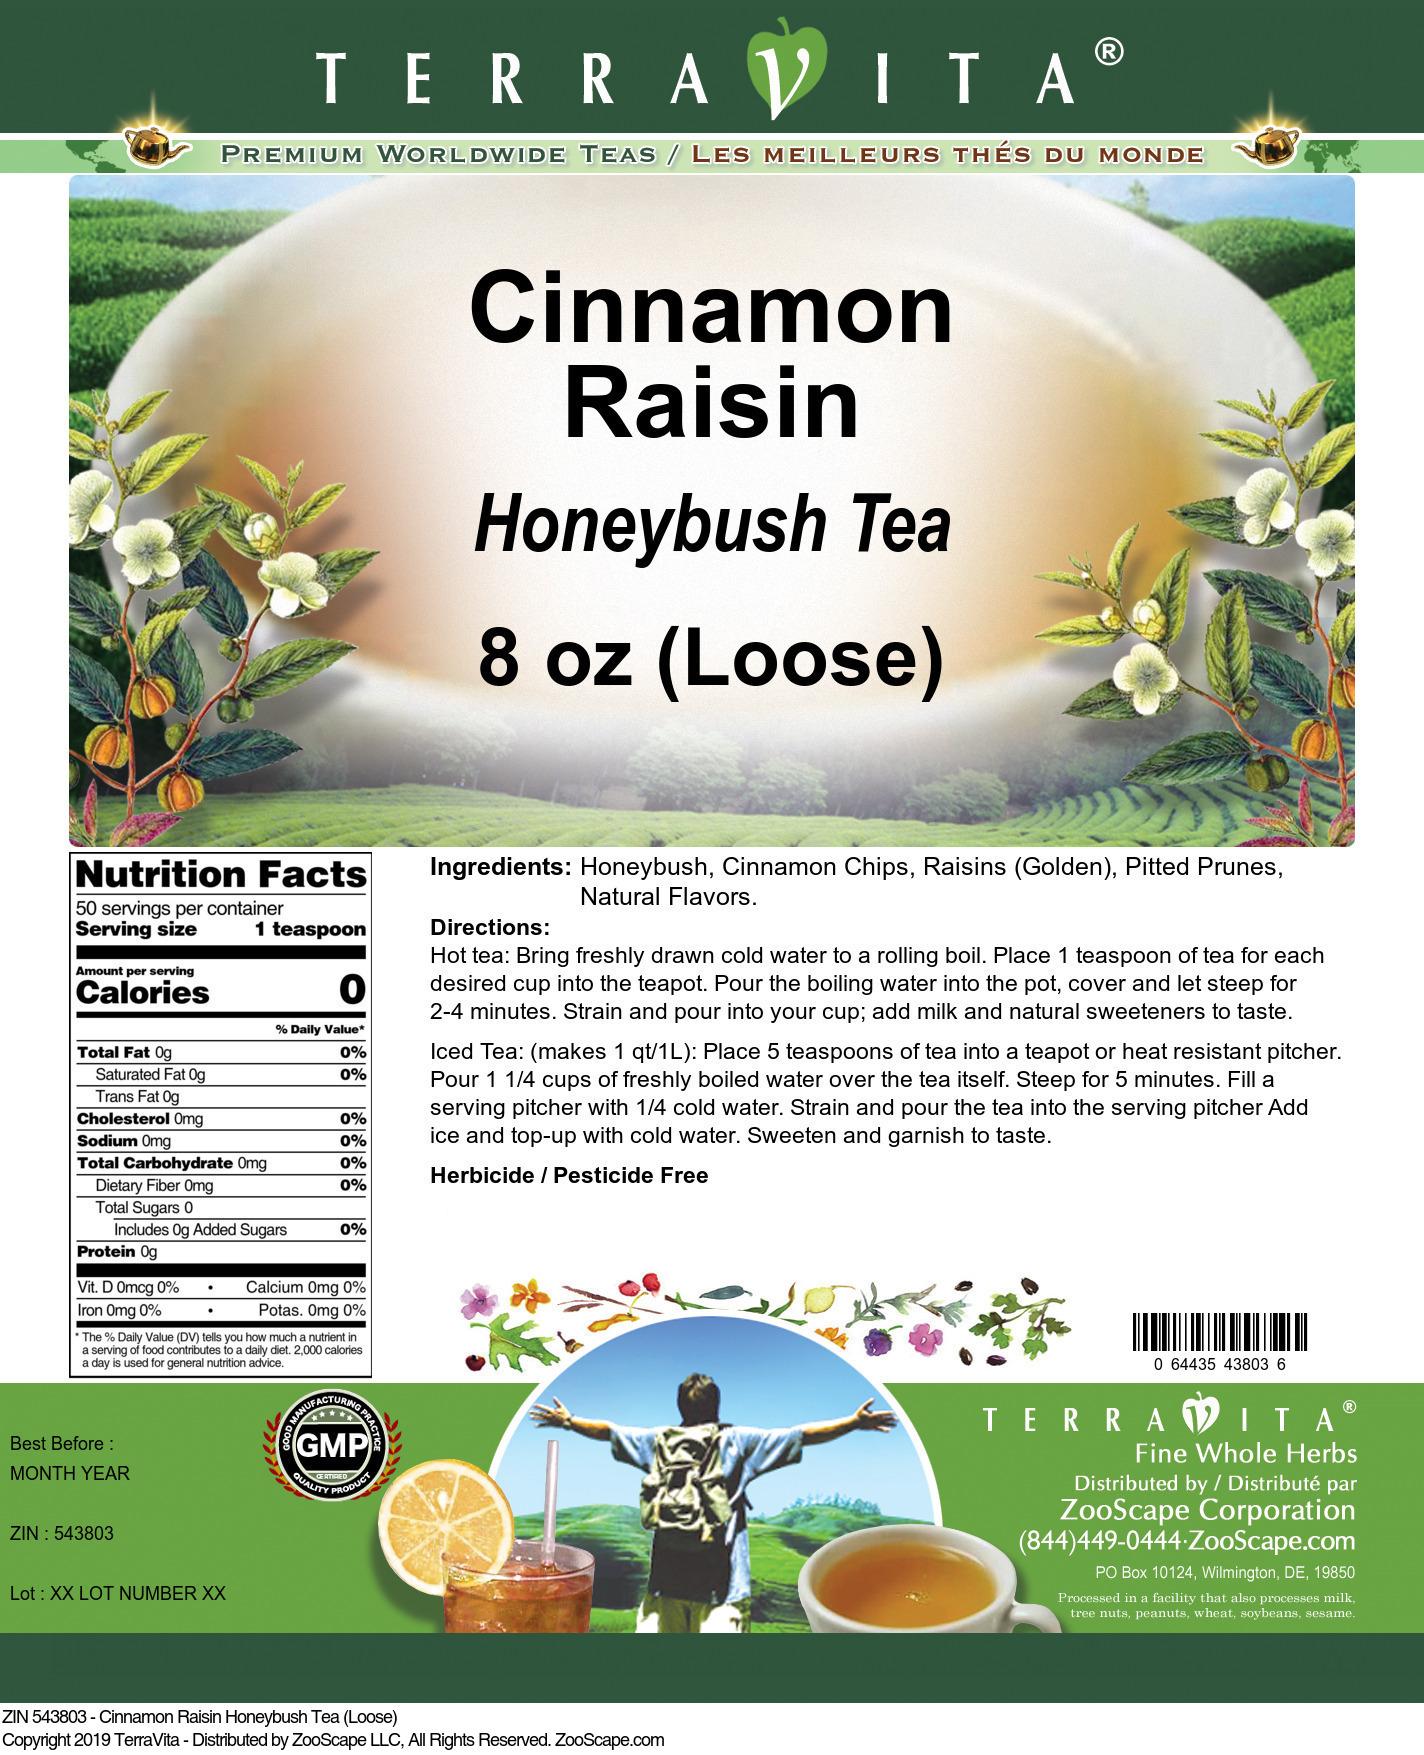 Cinnamon Raisin Honeybush Tea